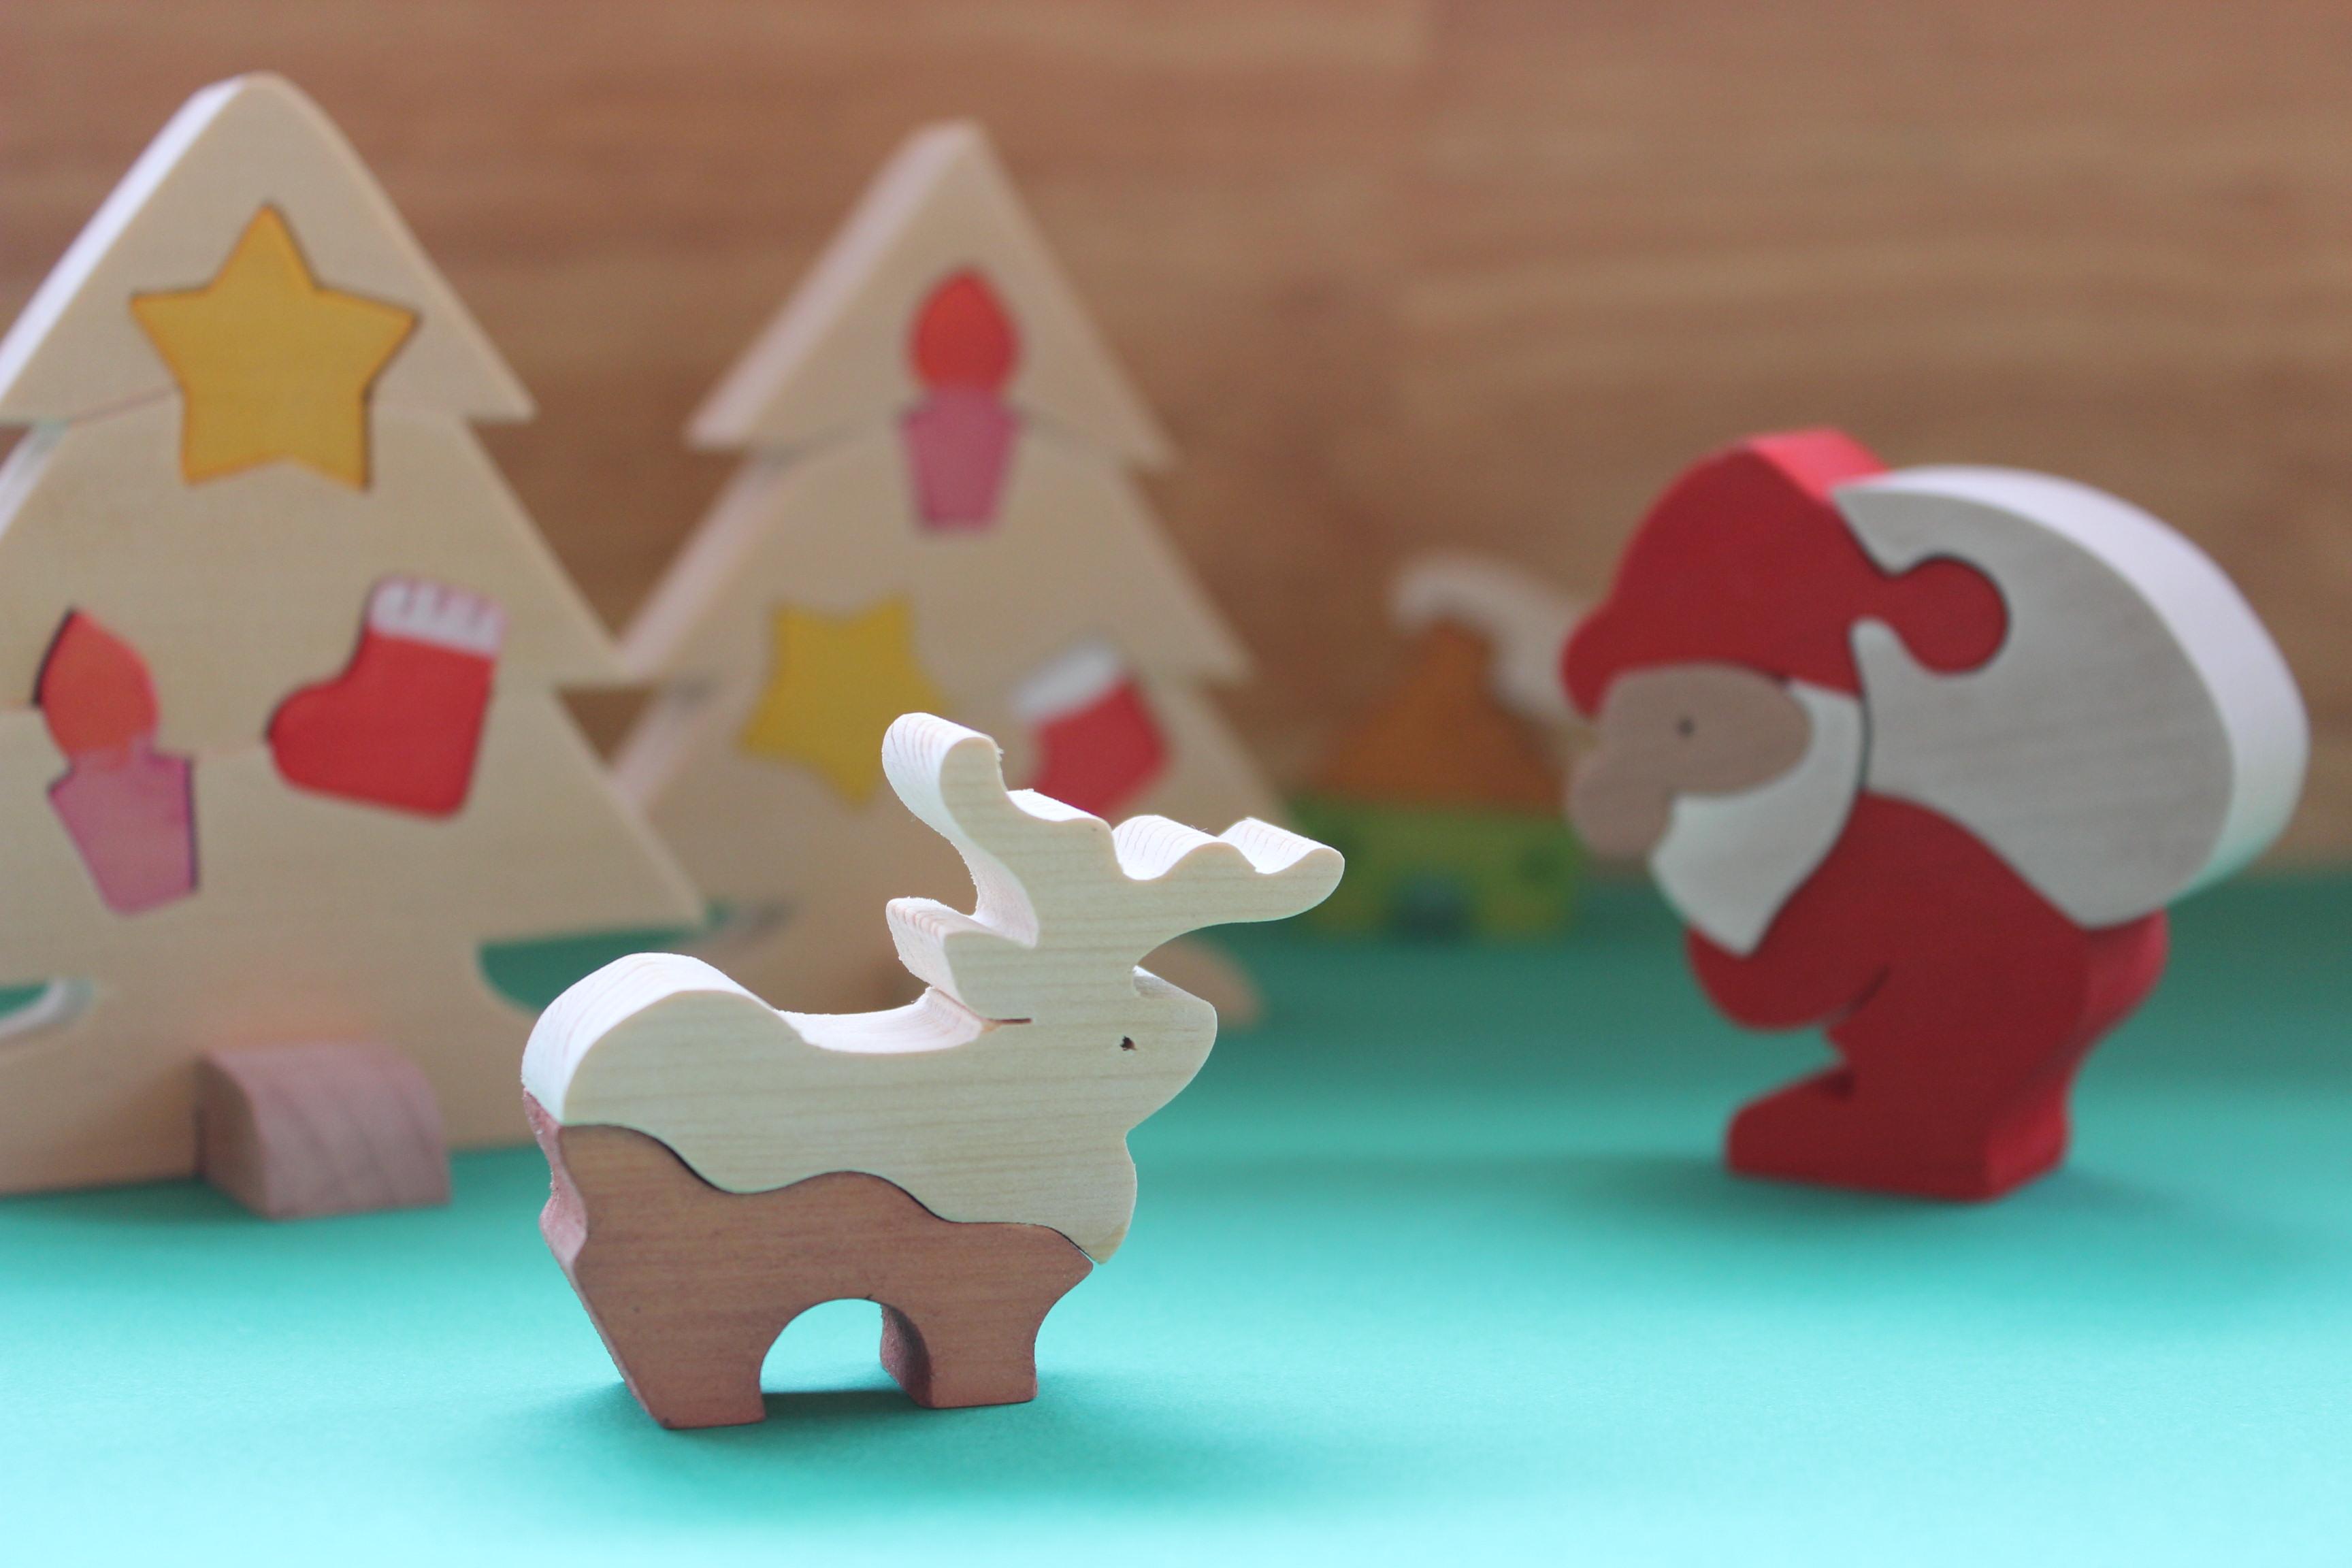 クリスマス親子で作ろう組み木のおもちゃ≪クリスマスフェスタ2019≫